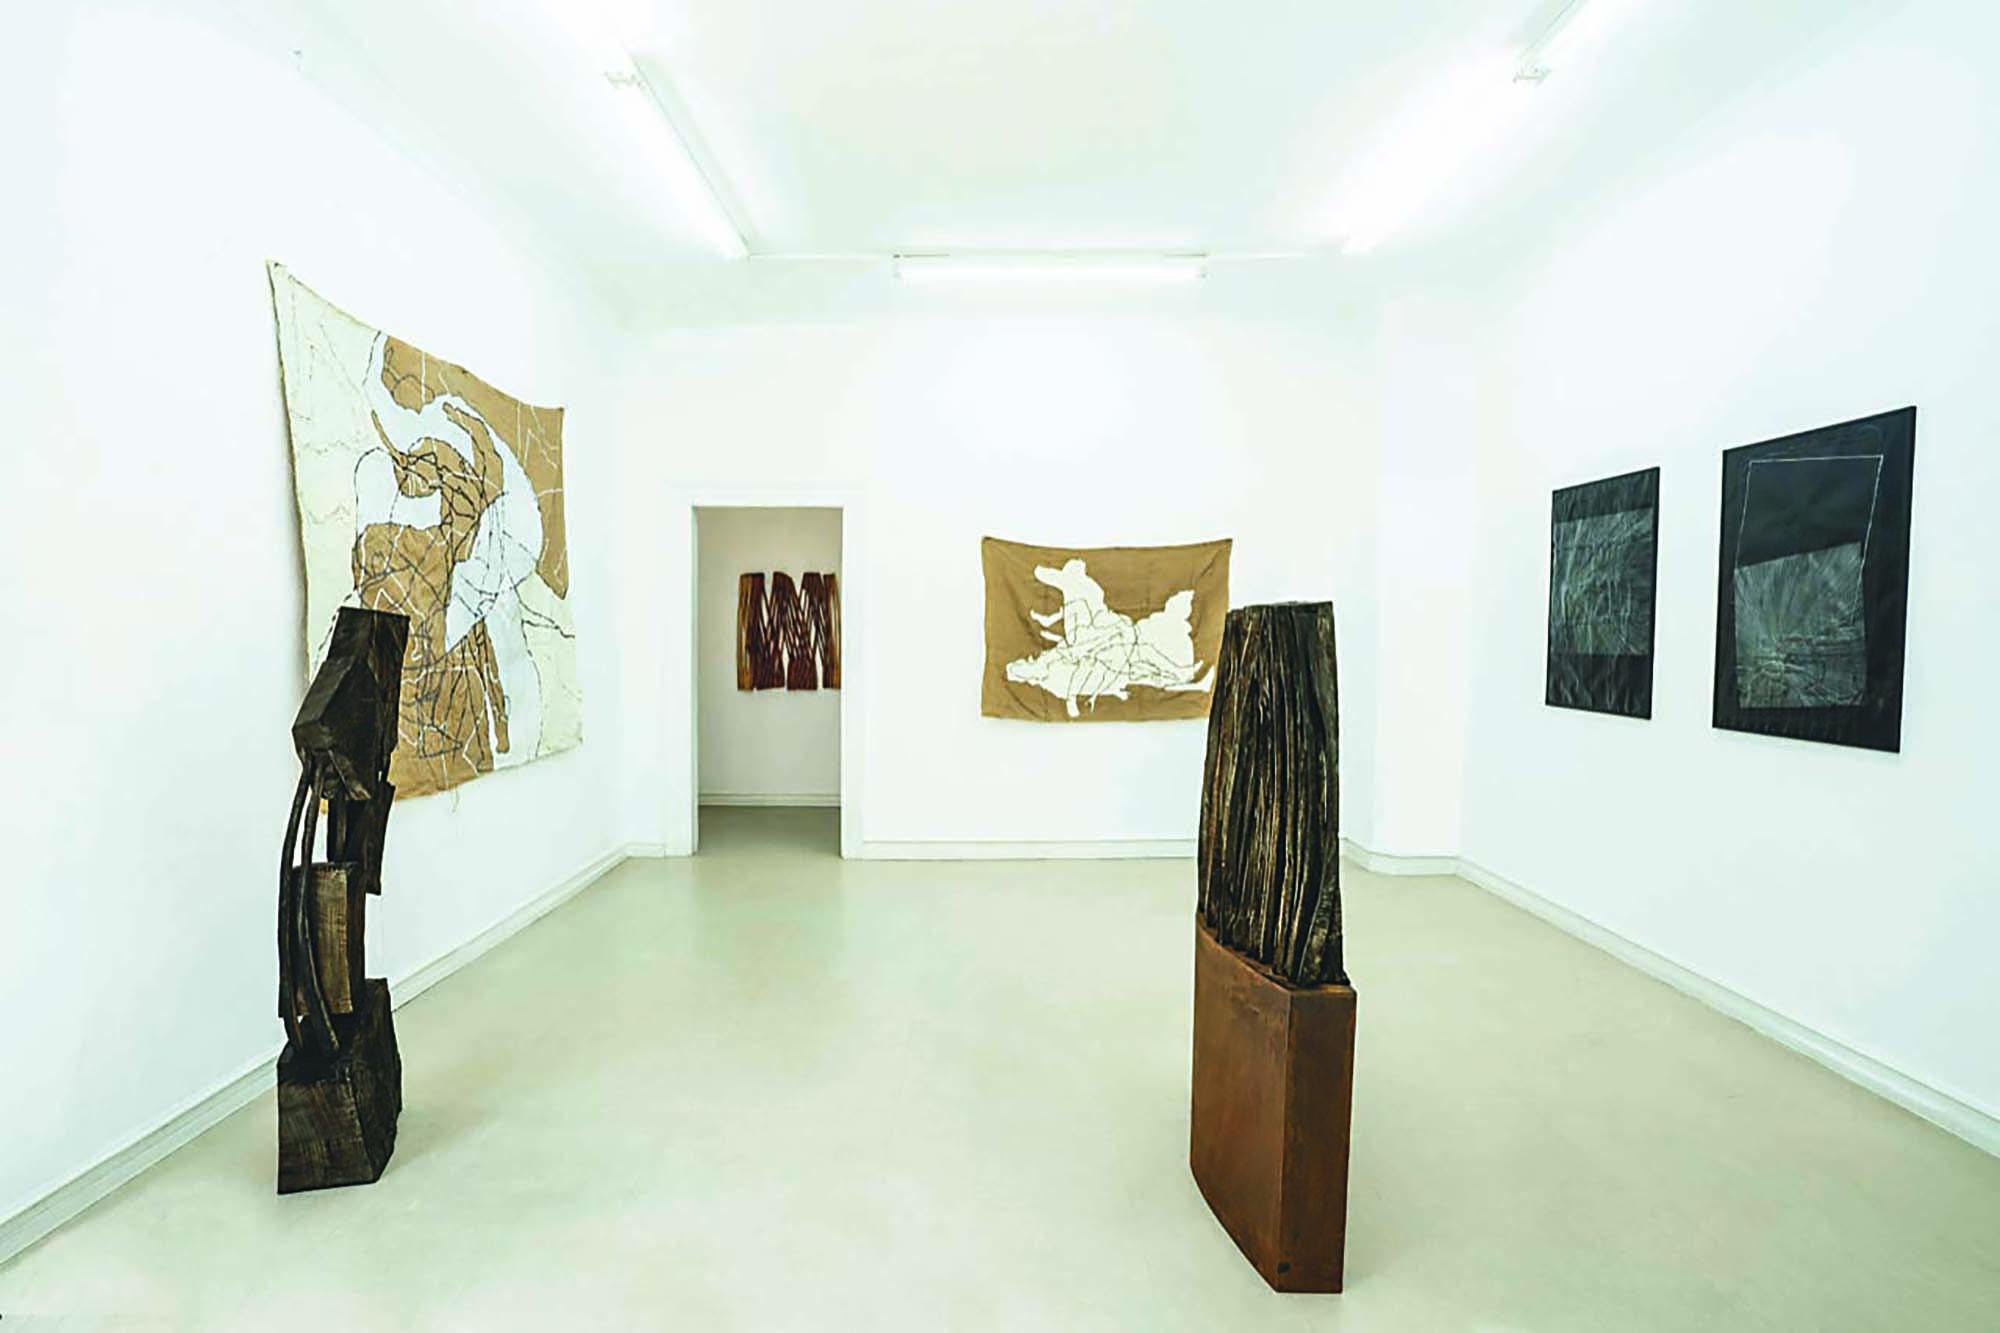 2021-9-8-ZE-Karlsruhe-Fritz Frech-Göhringer-Ausstellungsansicht_2021